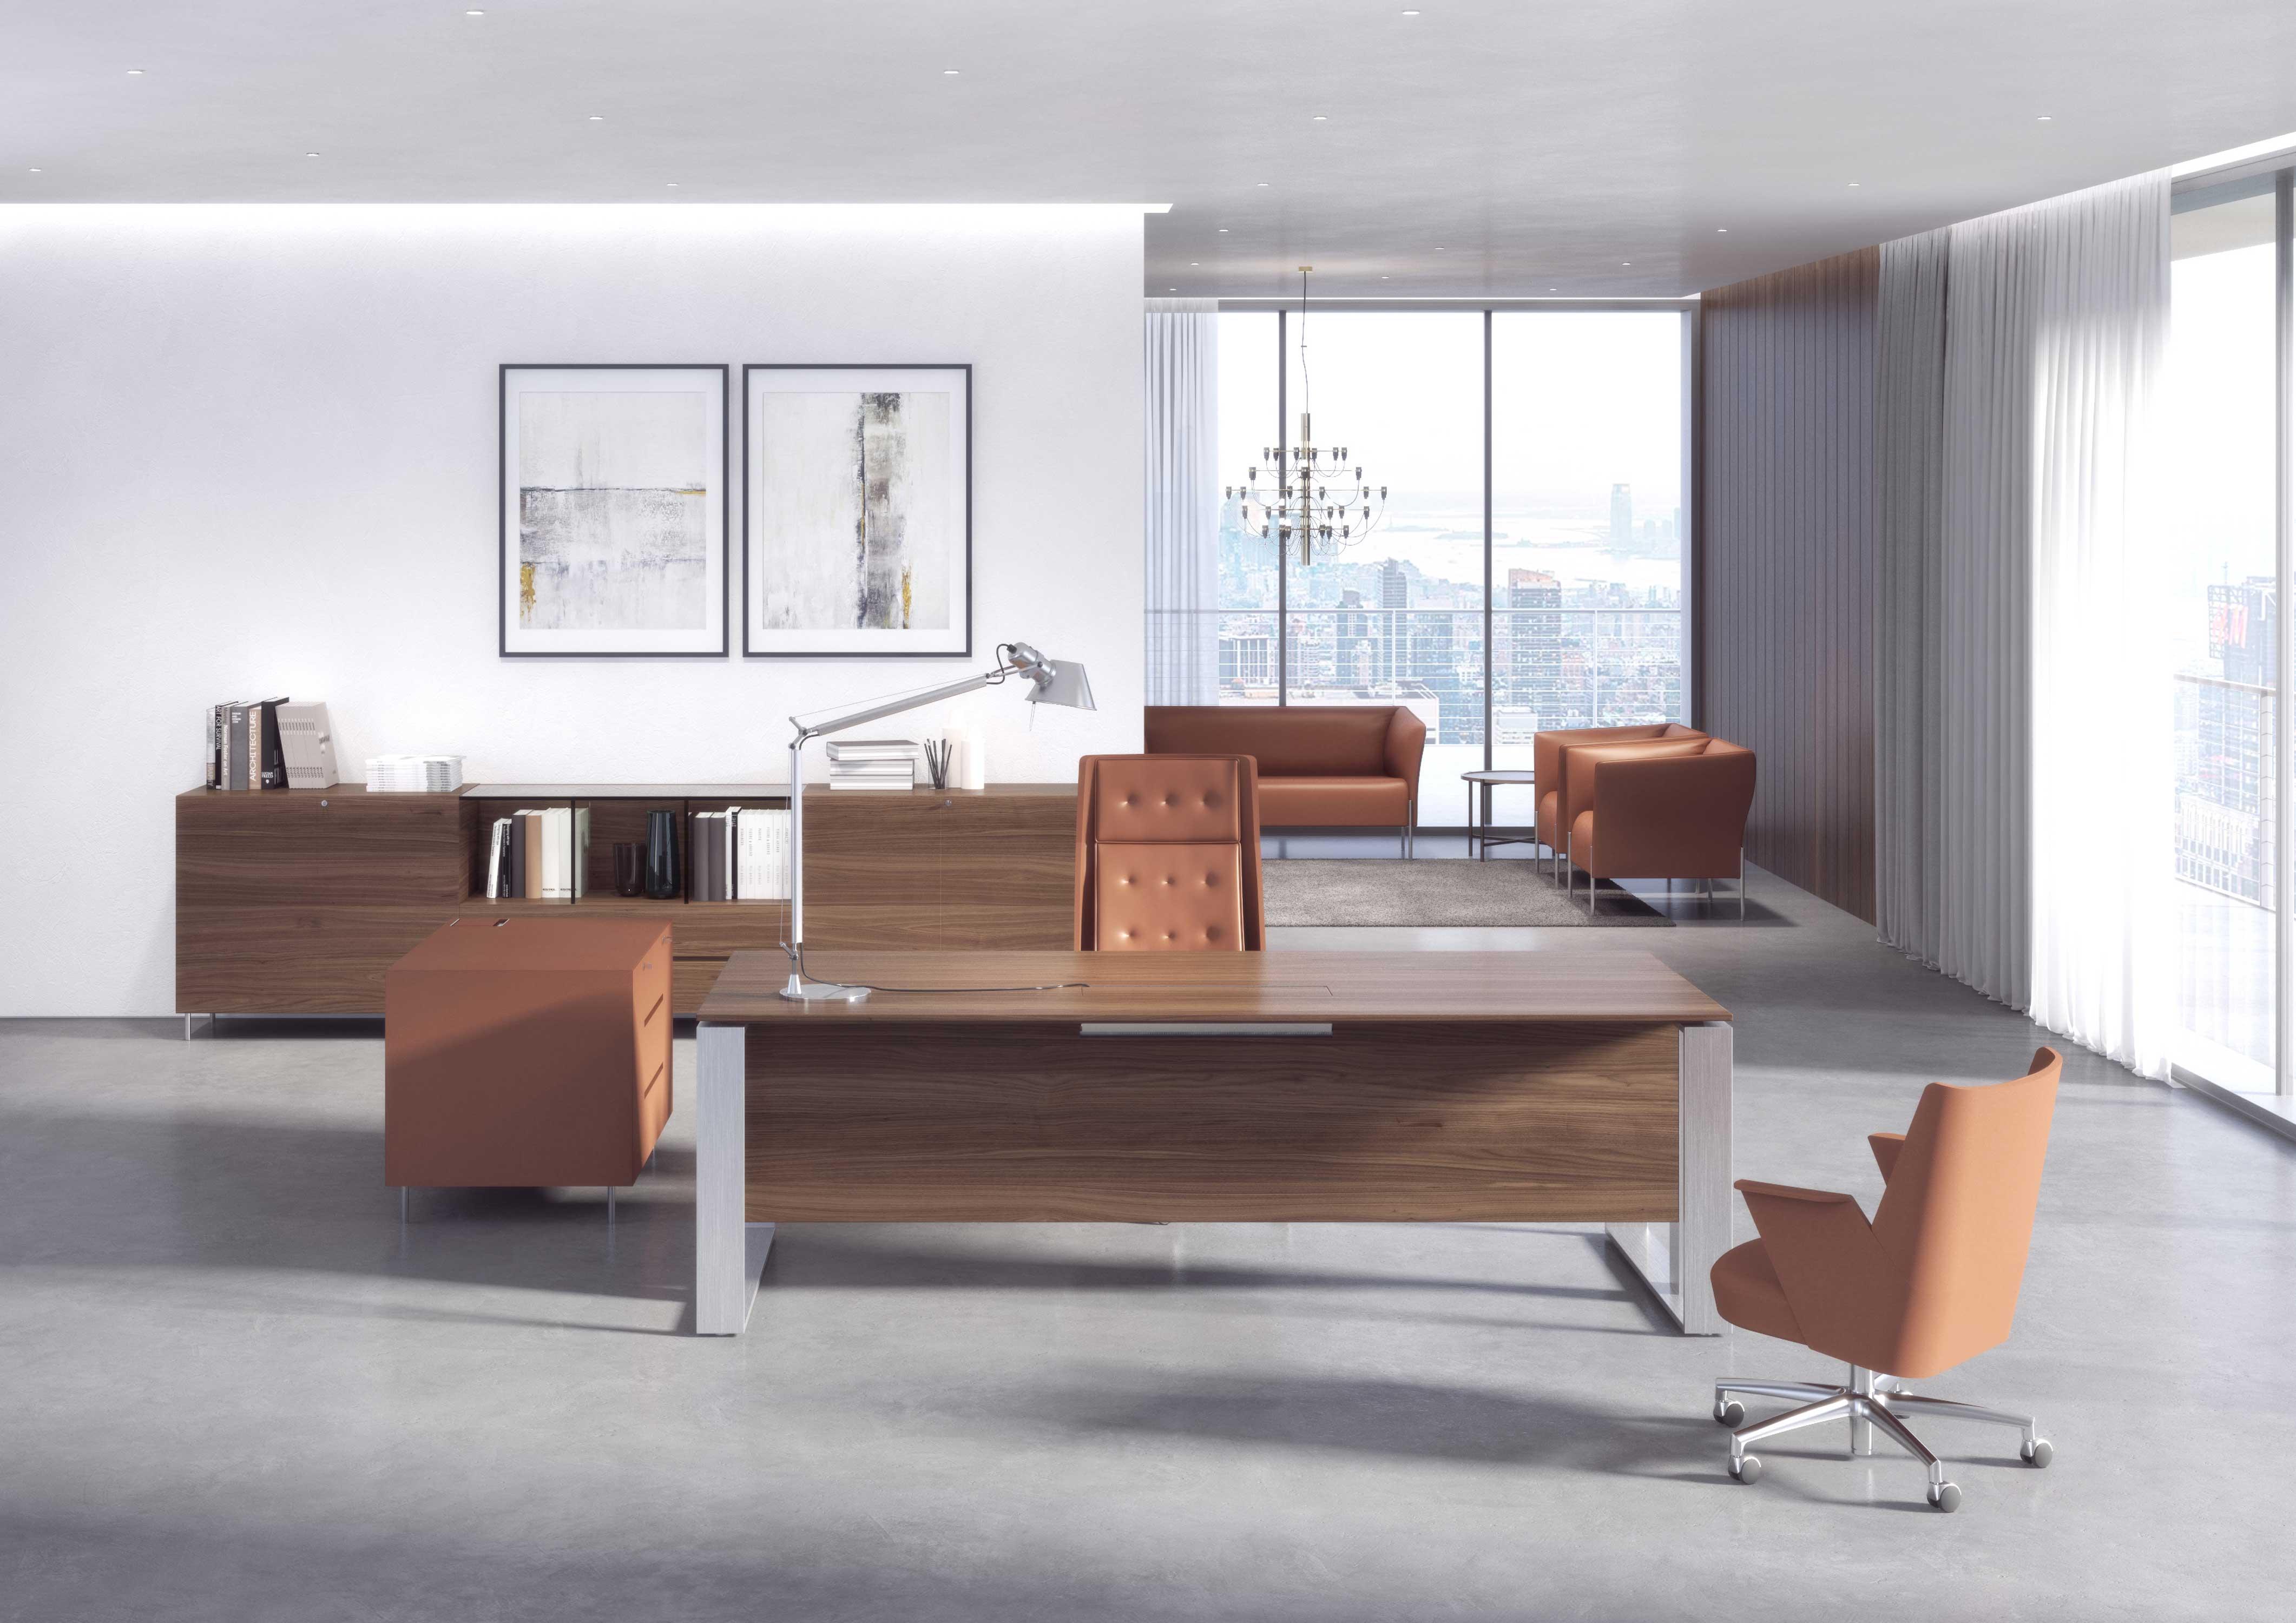 01S_Estel_Executive-&-Common-Area_Executive-&-Meeting_Altagamma_Executive